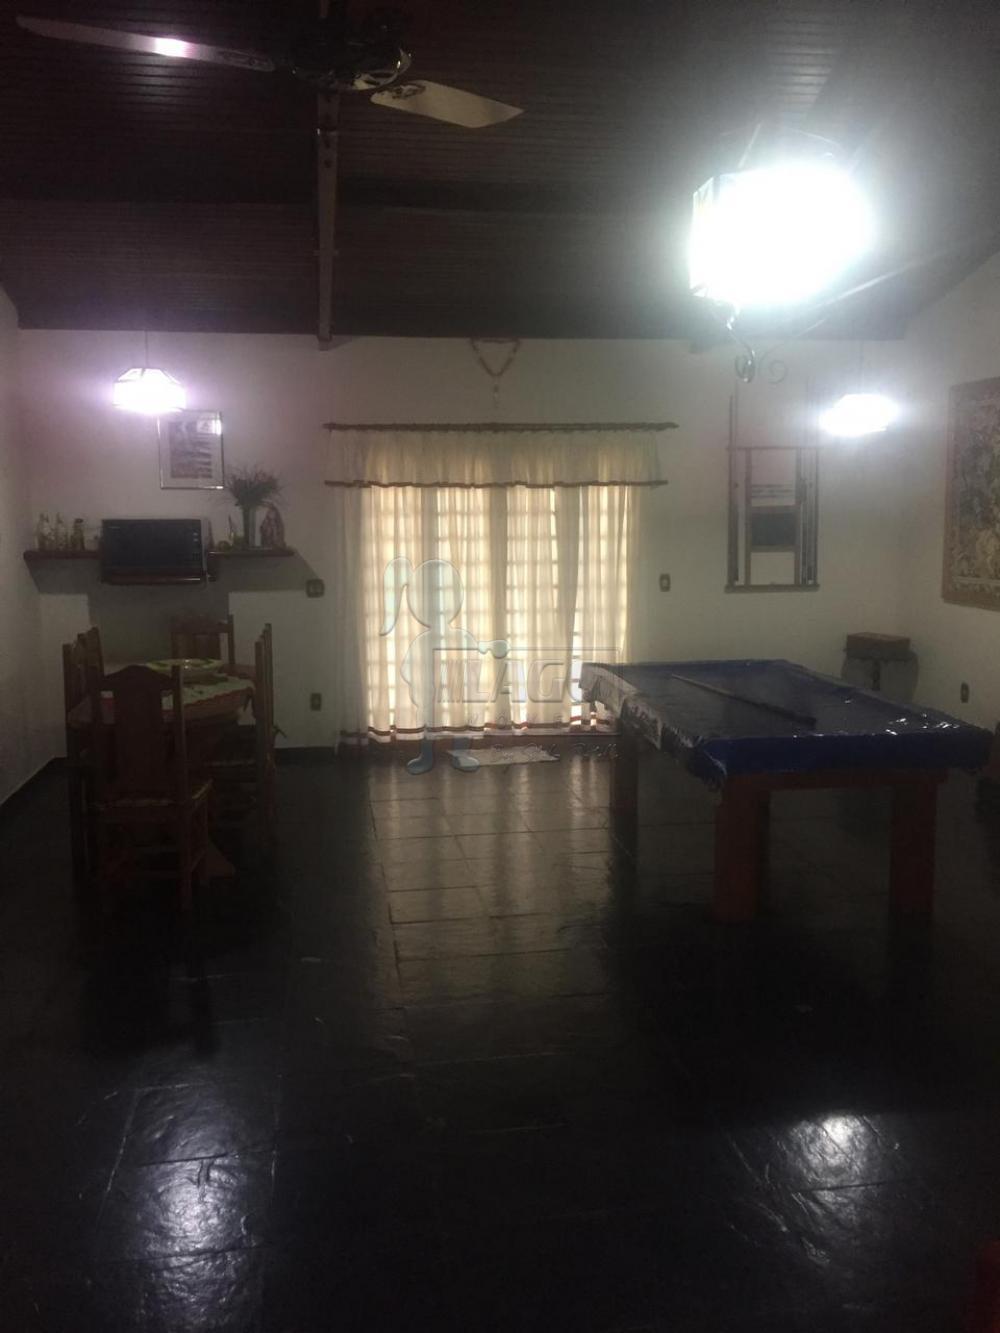 Comprar Casas / Chácara / Rancho em Batatais R$ 950.000,00 - Foto 7